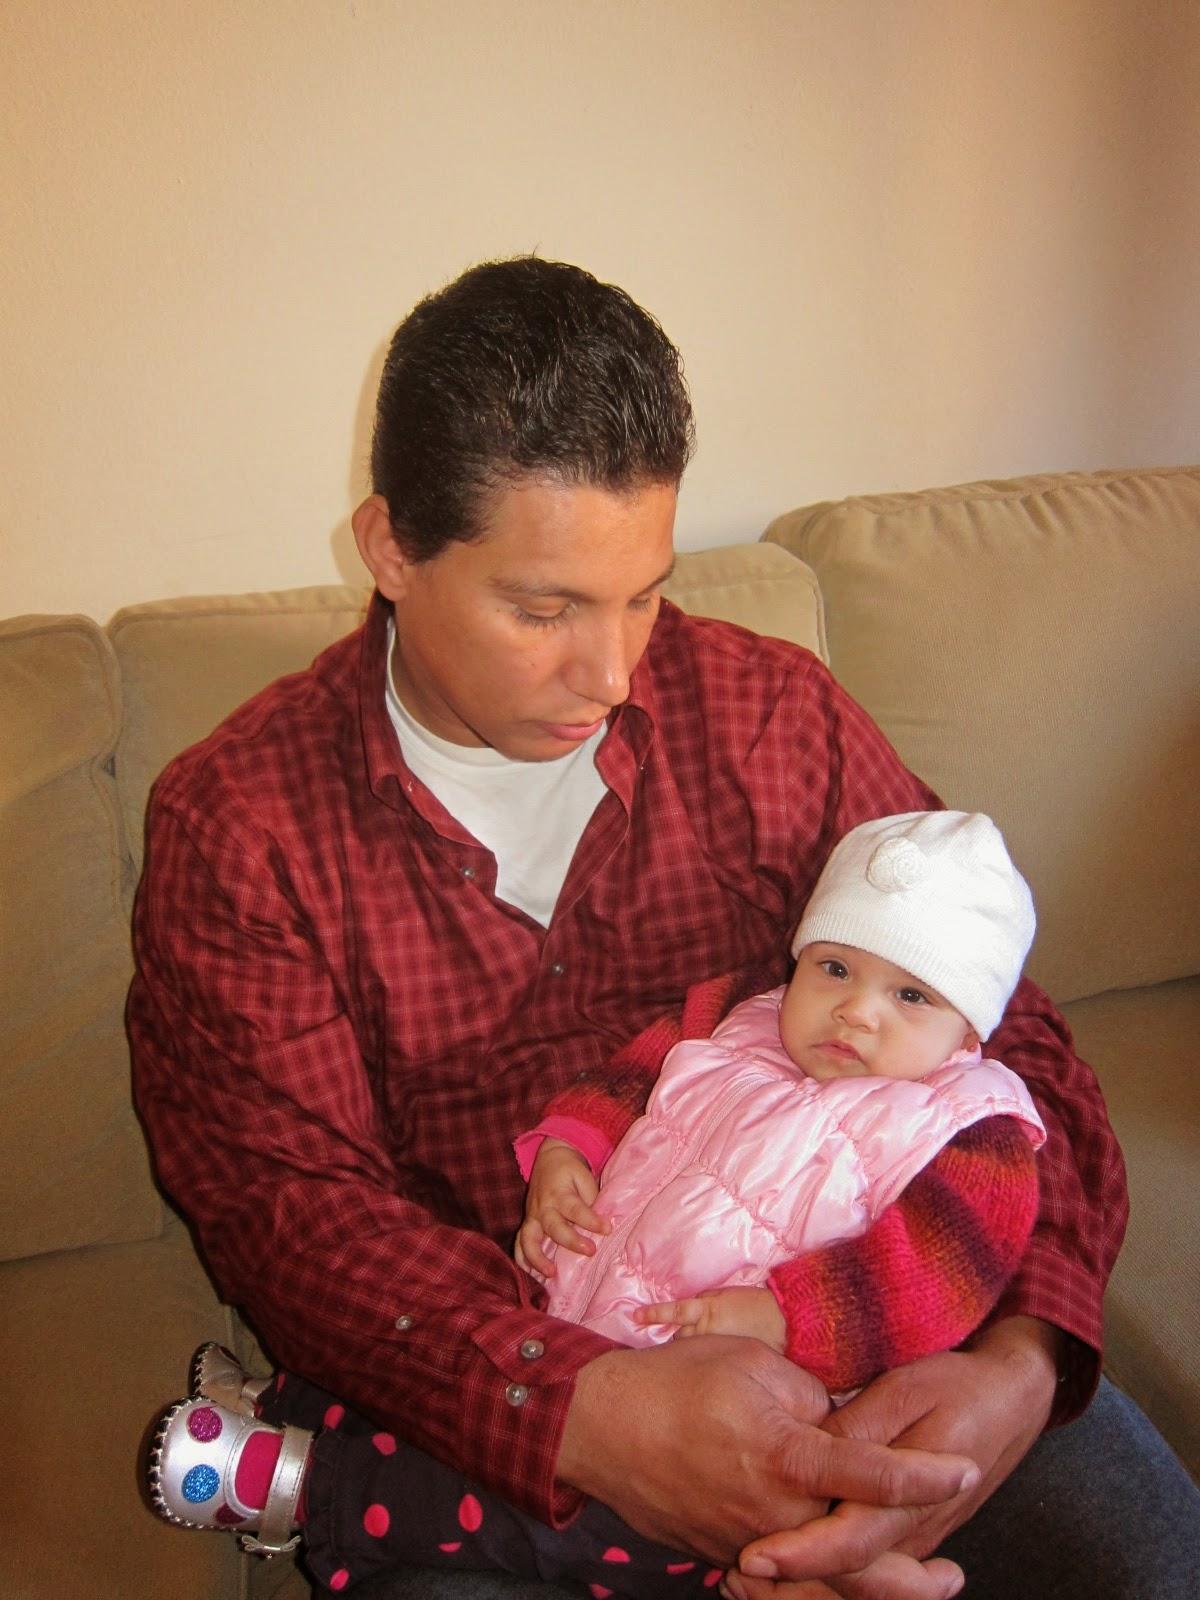 My life mi vida padre e hija un amor especial for Fuera de mi propiedad